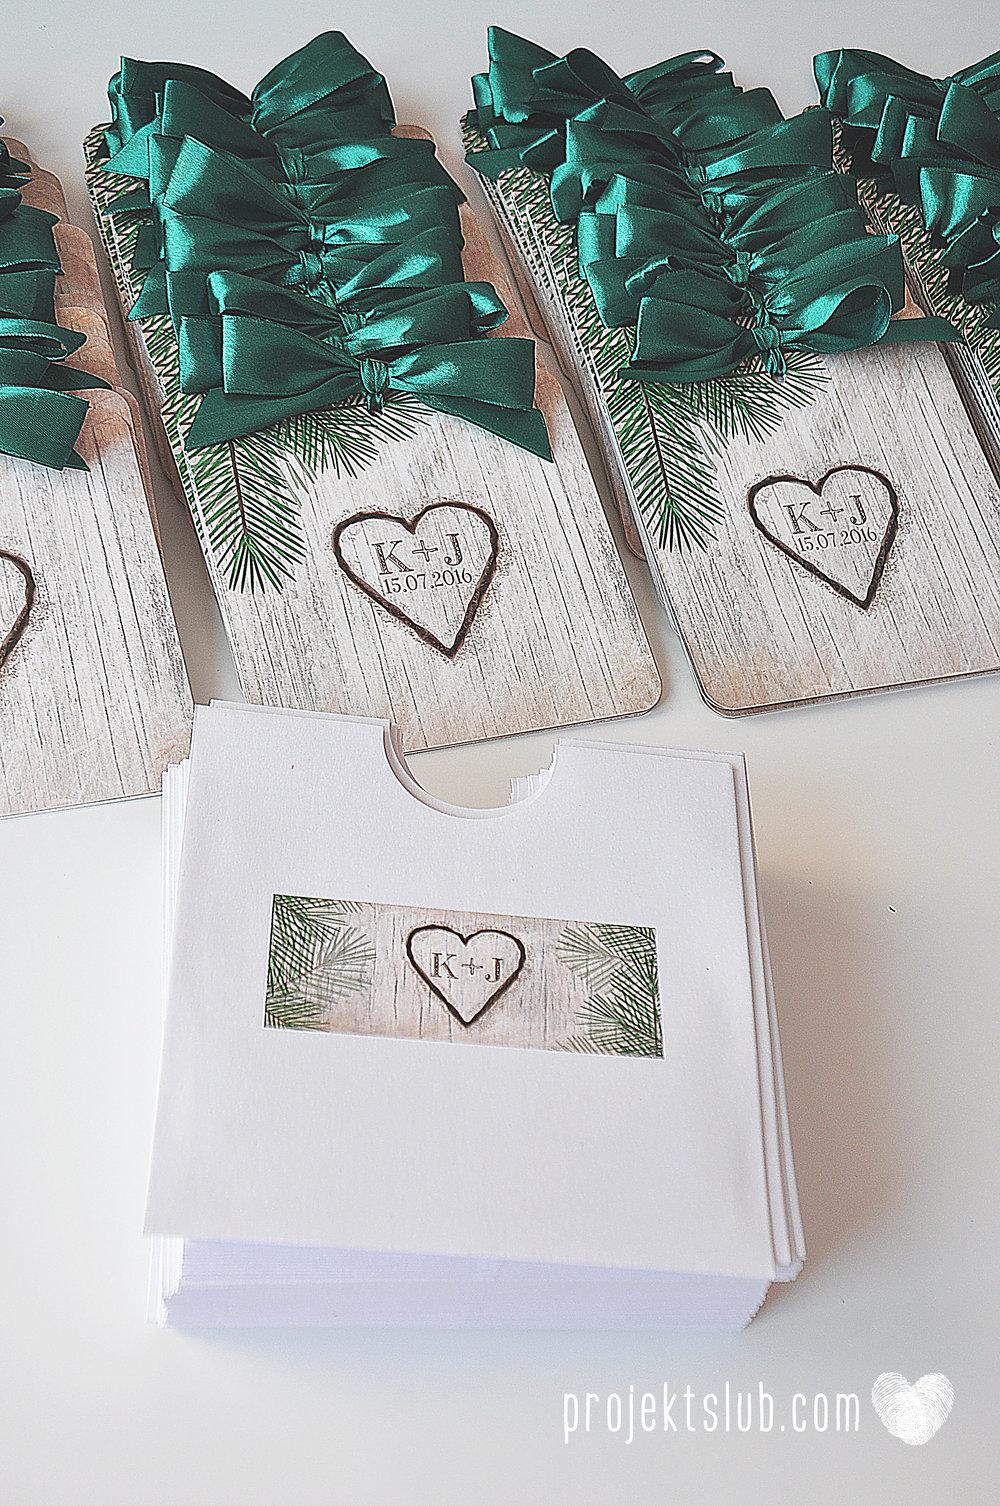 Zaproszenia ślubne oryginalne BOHO WOODLOVE vintage las świerk drewno drzewo kora eko rustykalne oryginalny craft naturalne Projekt Ślub (19).jpg